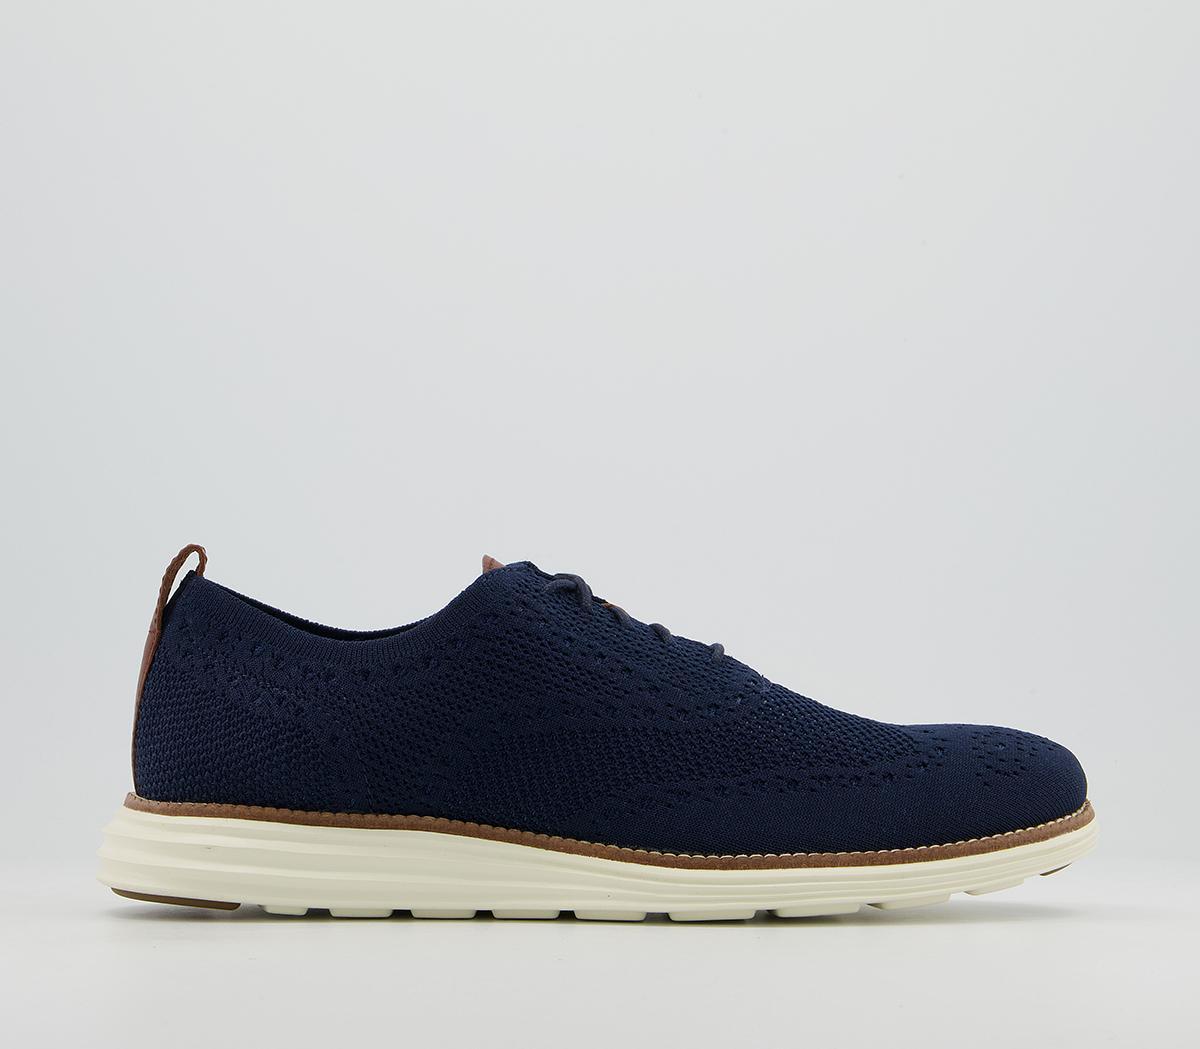 Original Grand Stitchlite Oxford Shoes